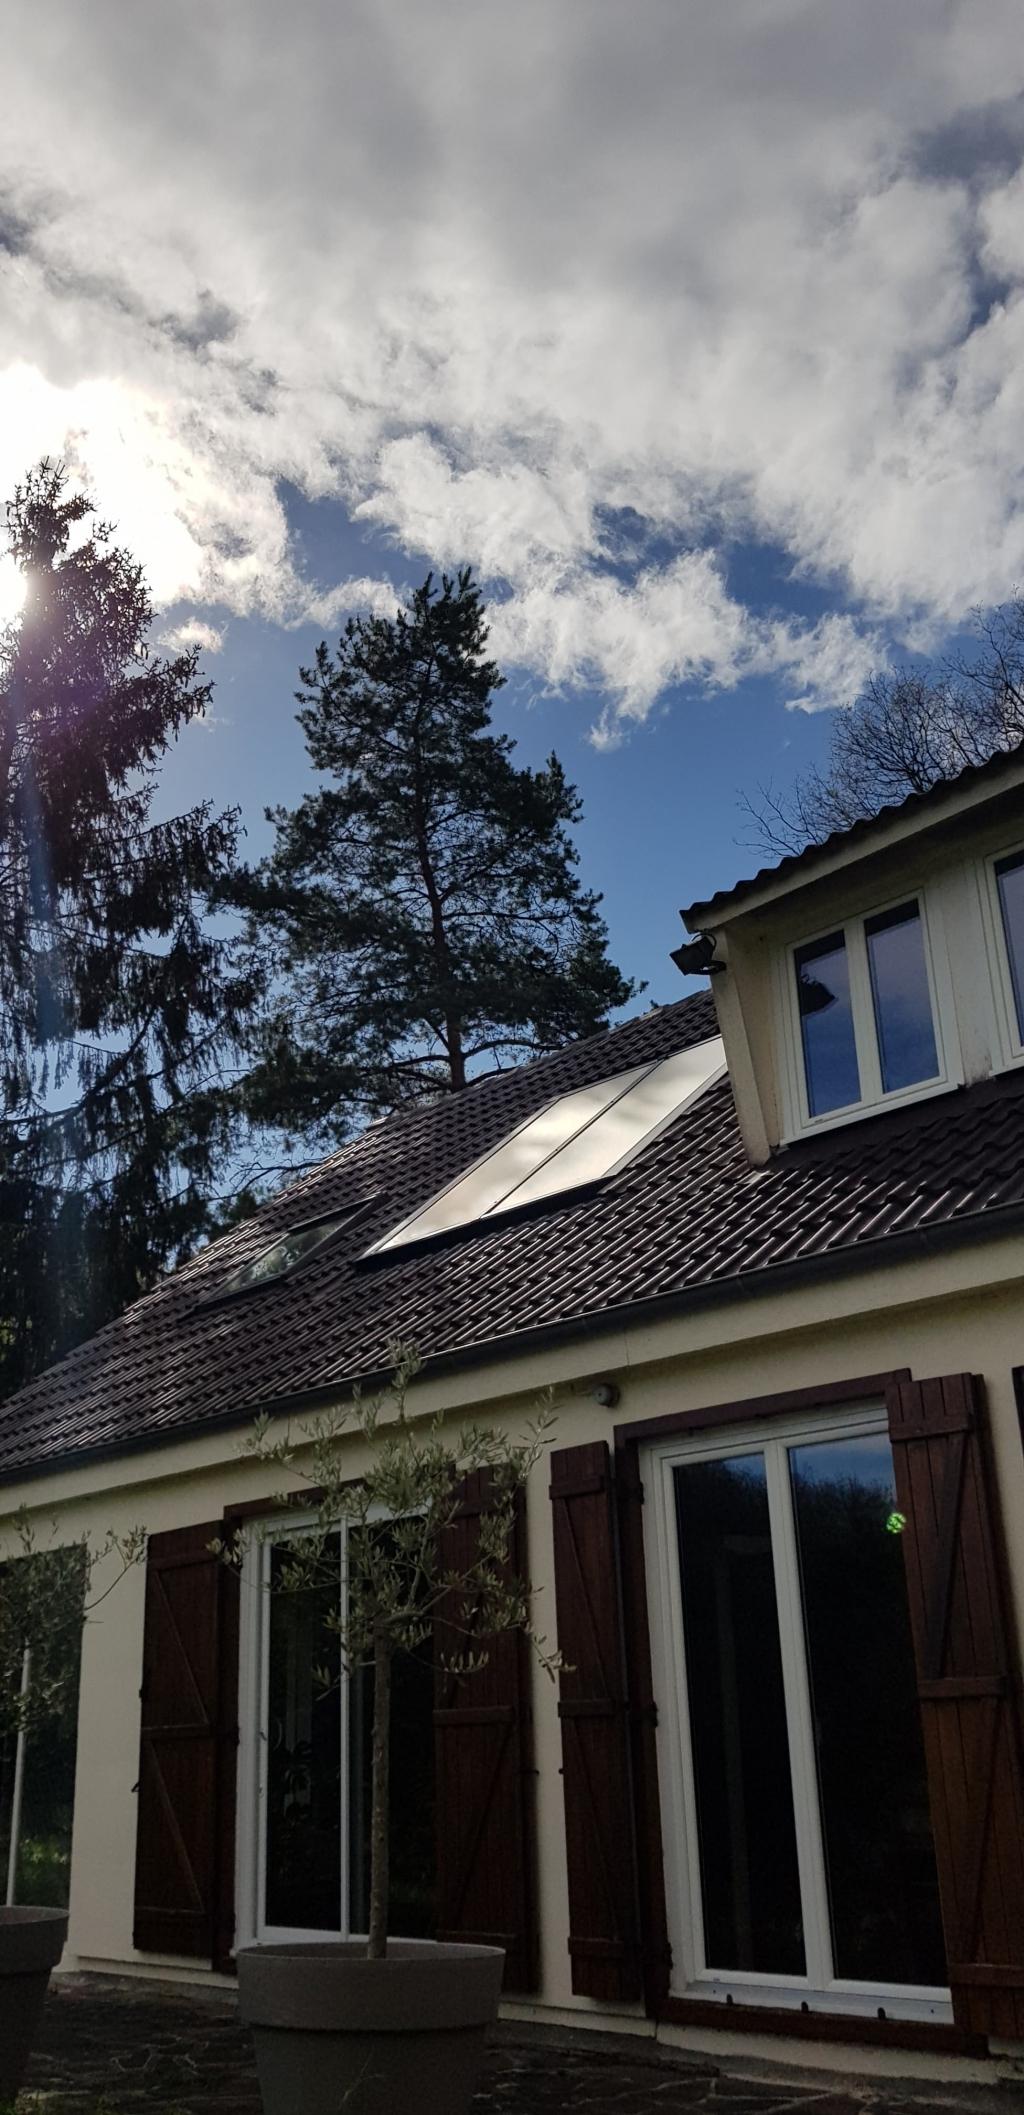 Installateur de panneaux solaire : Installation de panneaux solaire en intégration de toiture